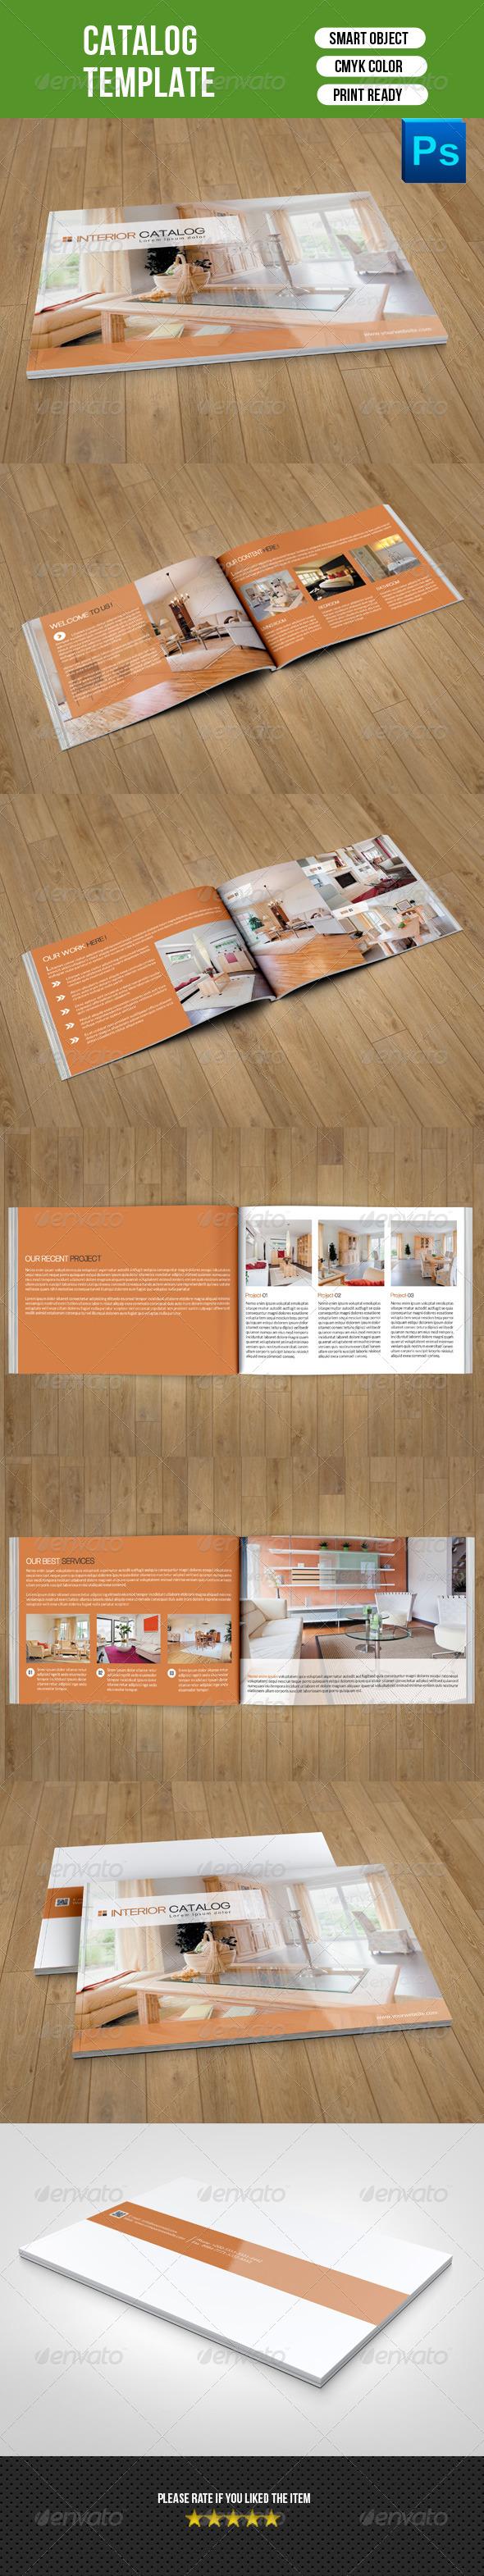 GraphicRiver Interior Catalog Template-V14 7913142